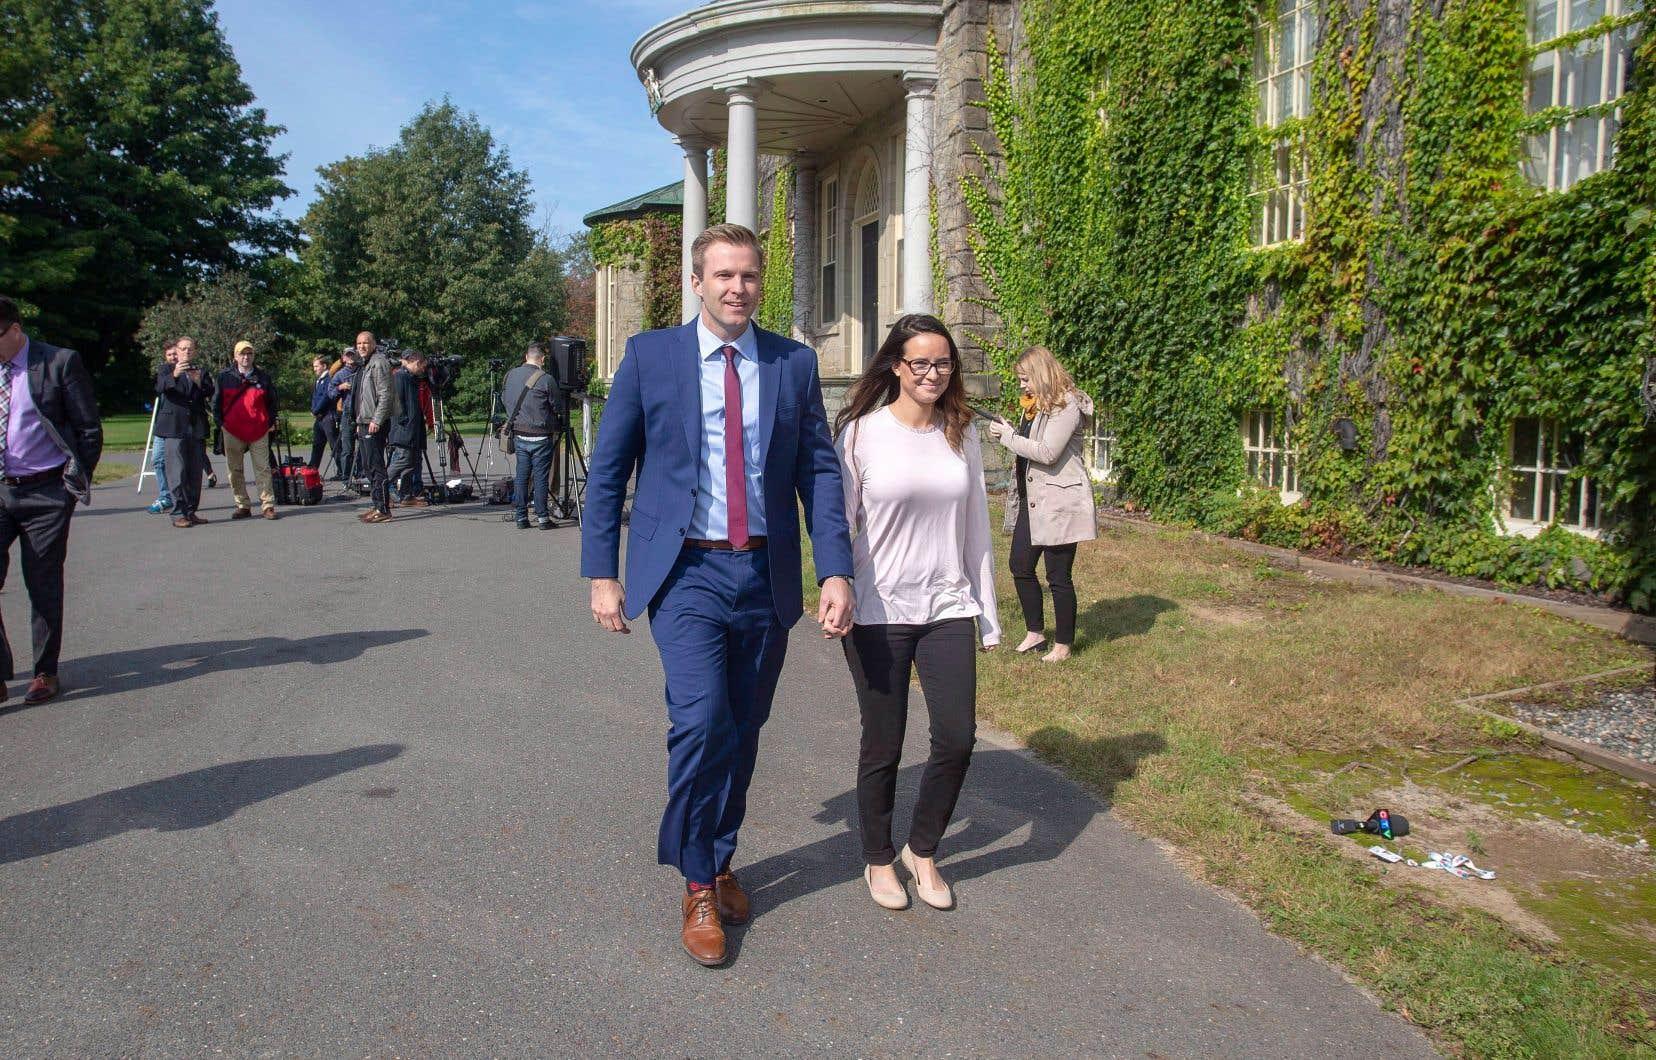 Accompagné de son épouse, Karine Lavoie, le premier ministre sortant du Nouveau-Brunswick, Brian Gallant, est allé rencontrer la lieutenante-gouverneure mardi matin afin de lui demander de lui permettre de tenter de former le gouvernement en dépit du fait que son parti a fait élire un député de moins que les conservateurs.